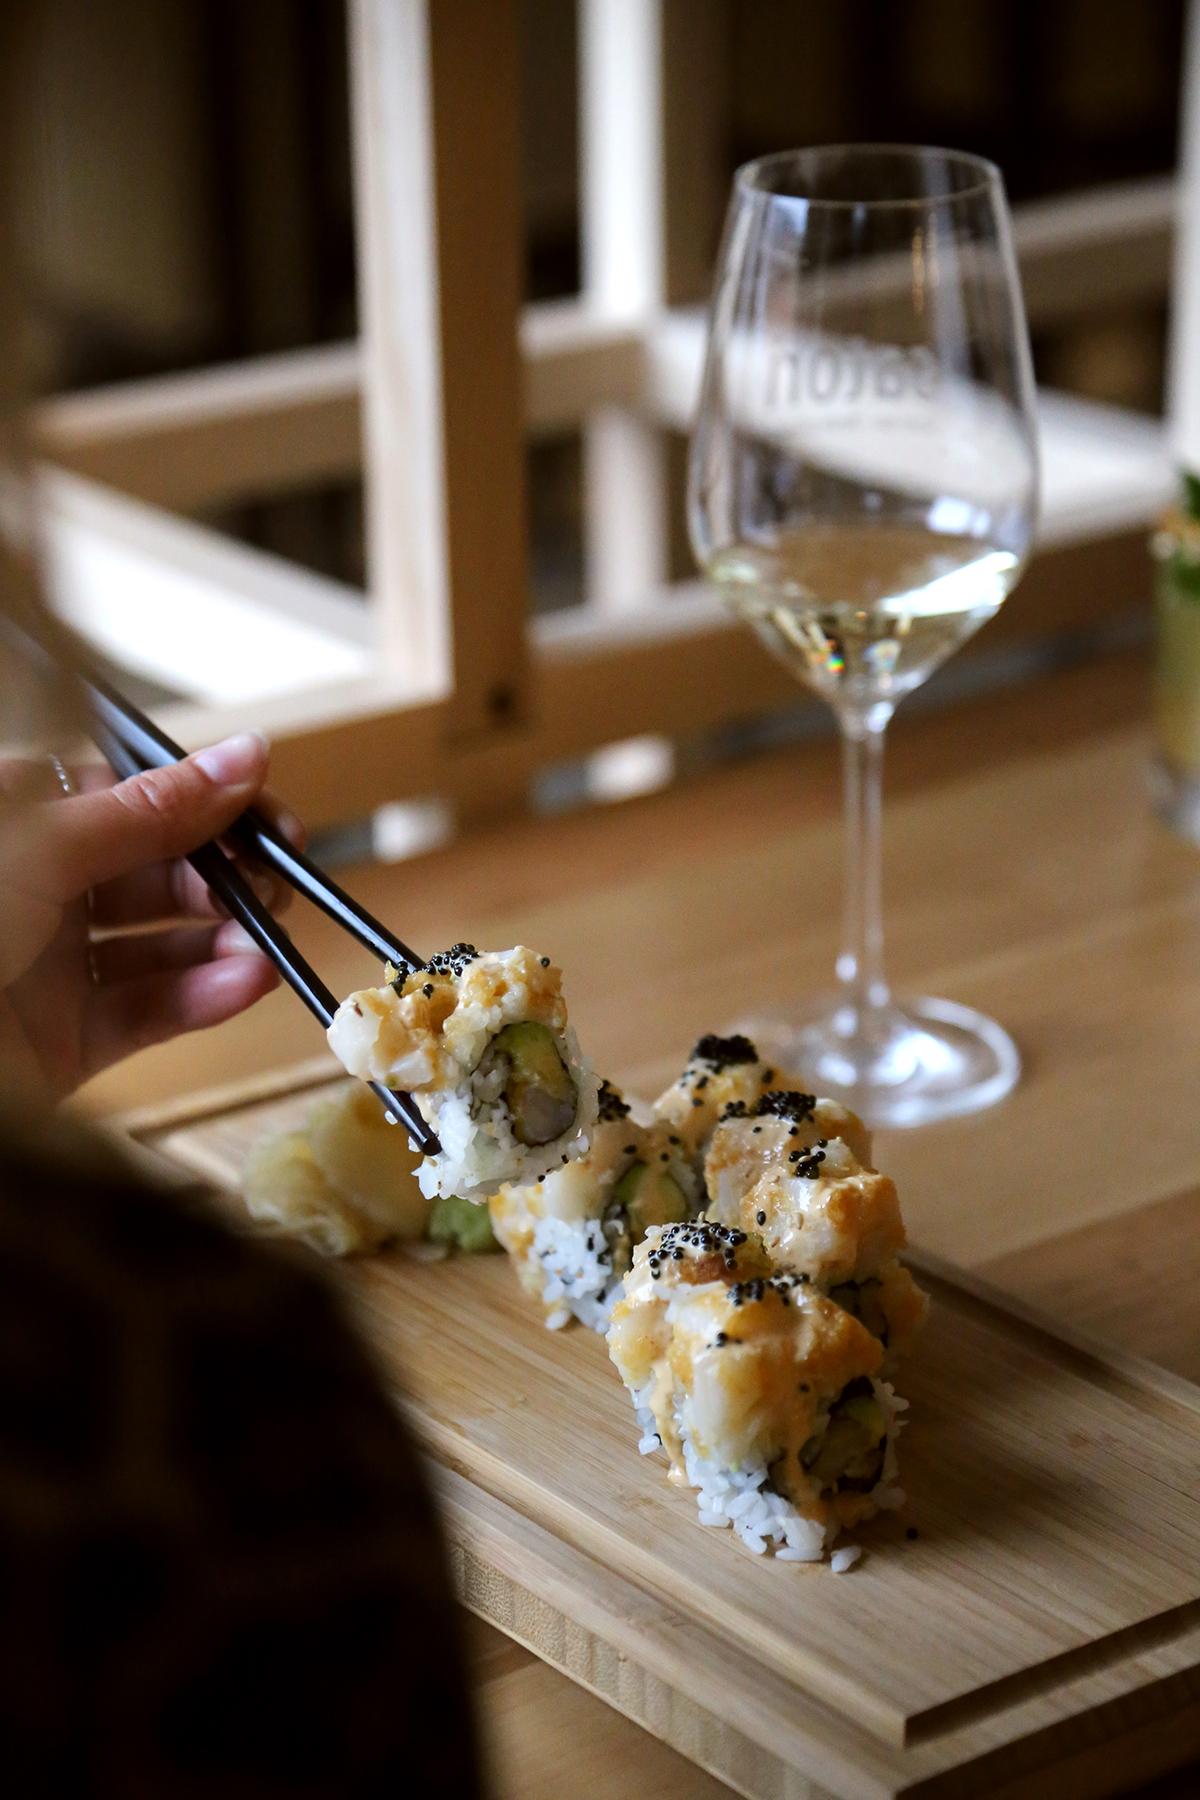 Satori-sushi-Nagano-mood-2ig.jpg